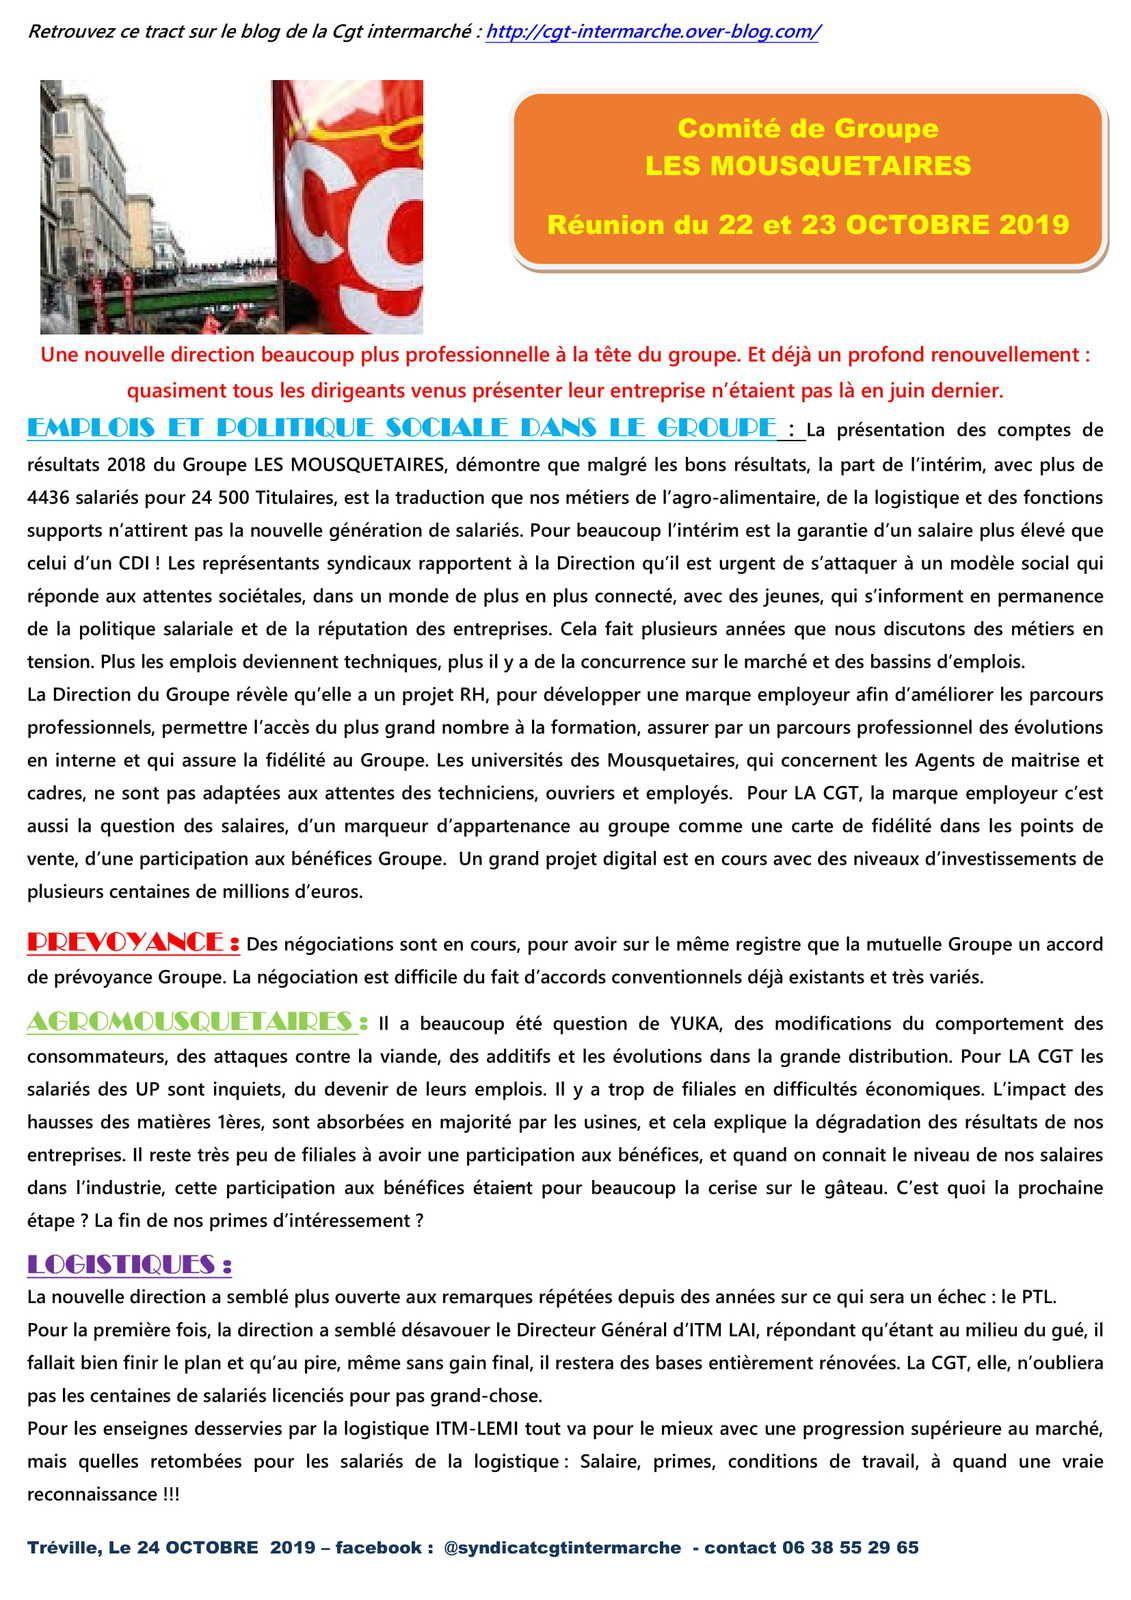 Information Comité de Groupe LES MOUSQUETAIRES